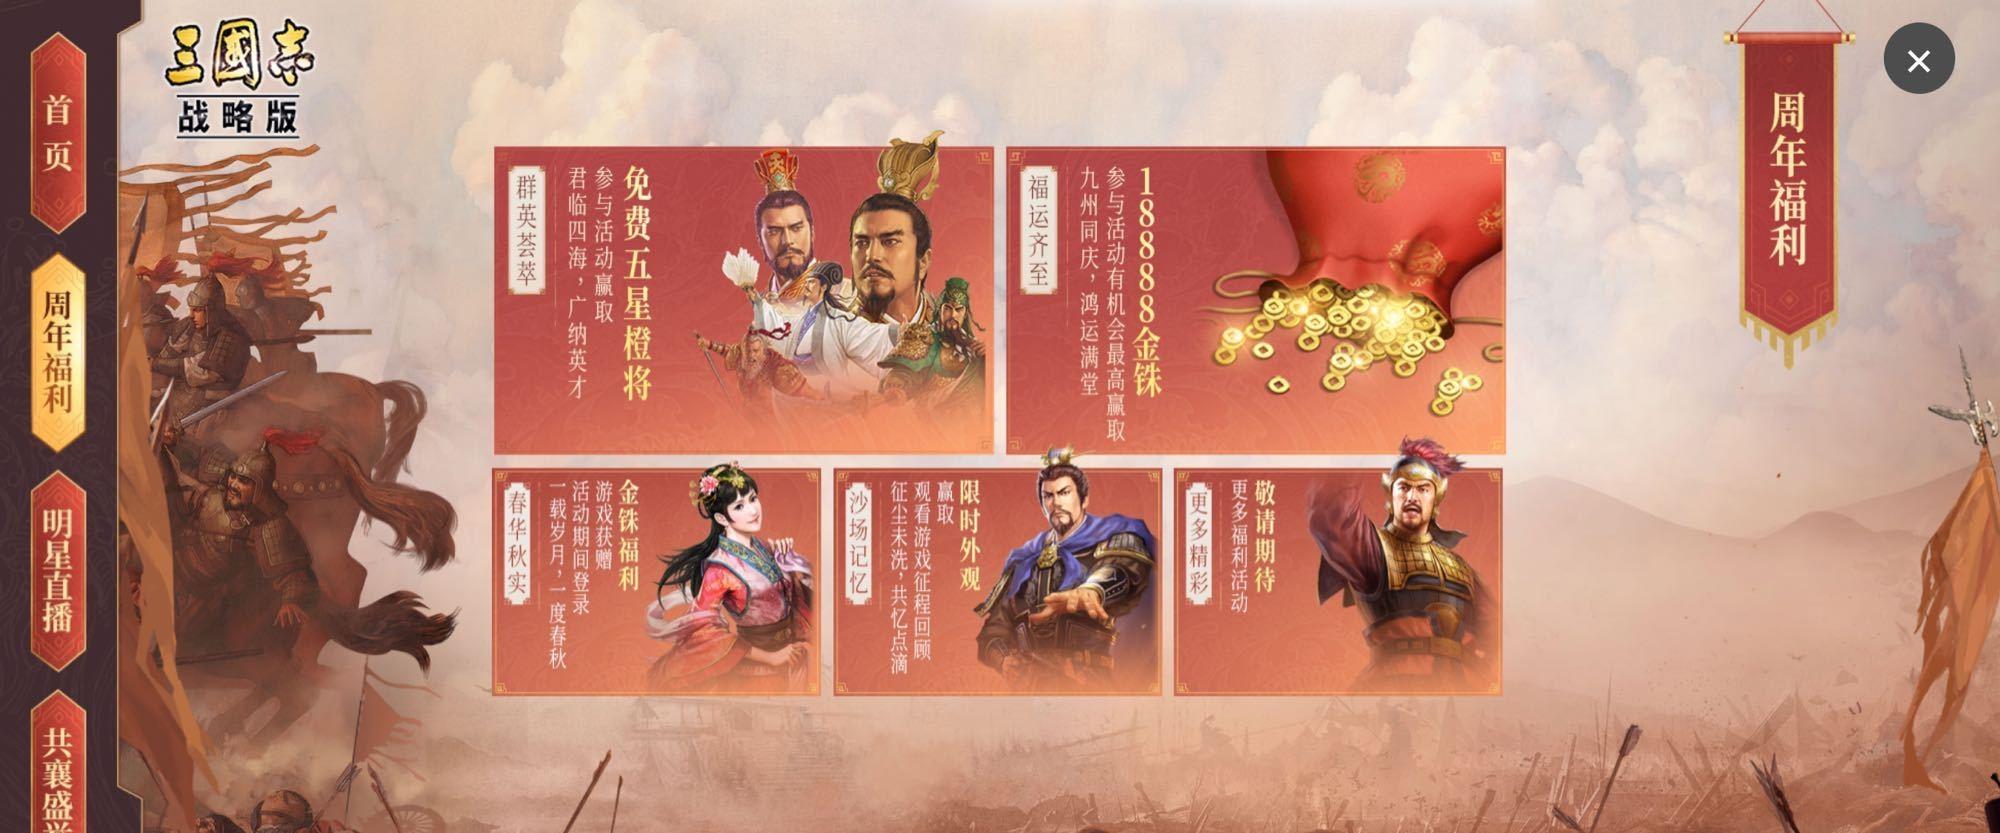 三国志战略版周年庆预告 周年庆活动一览